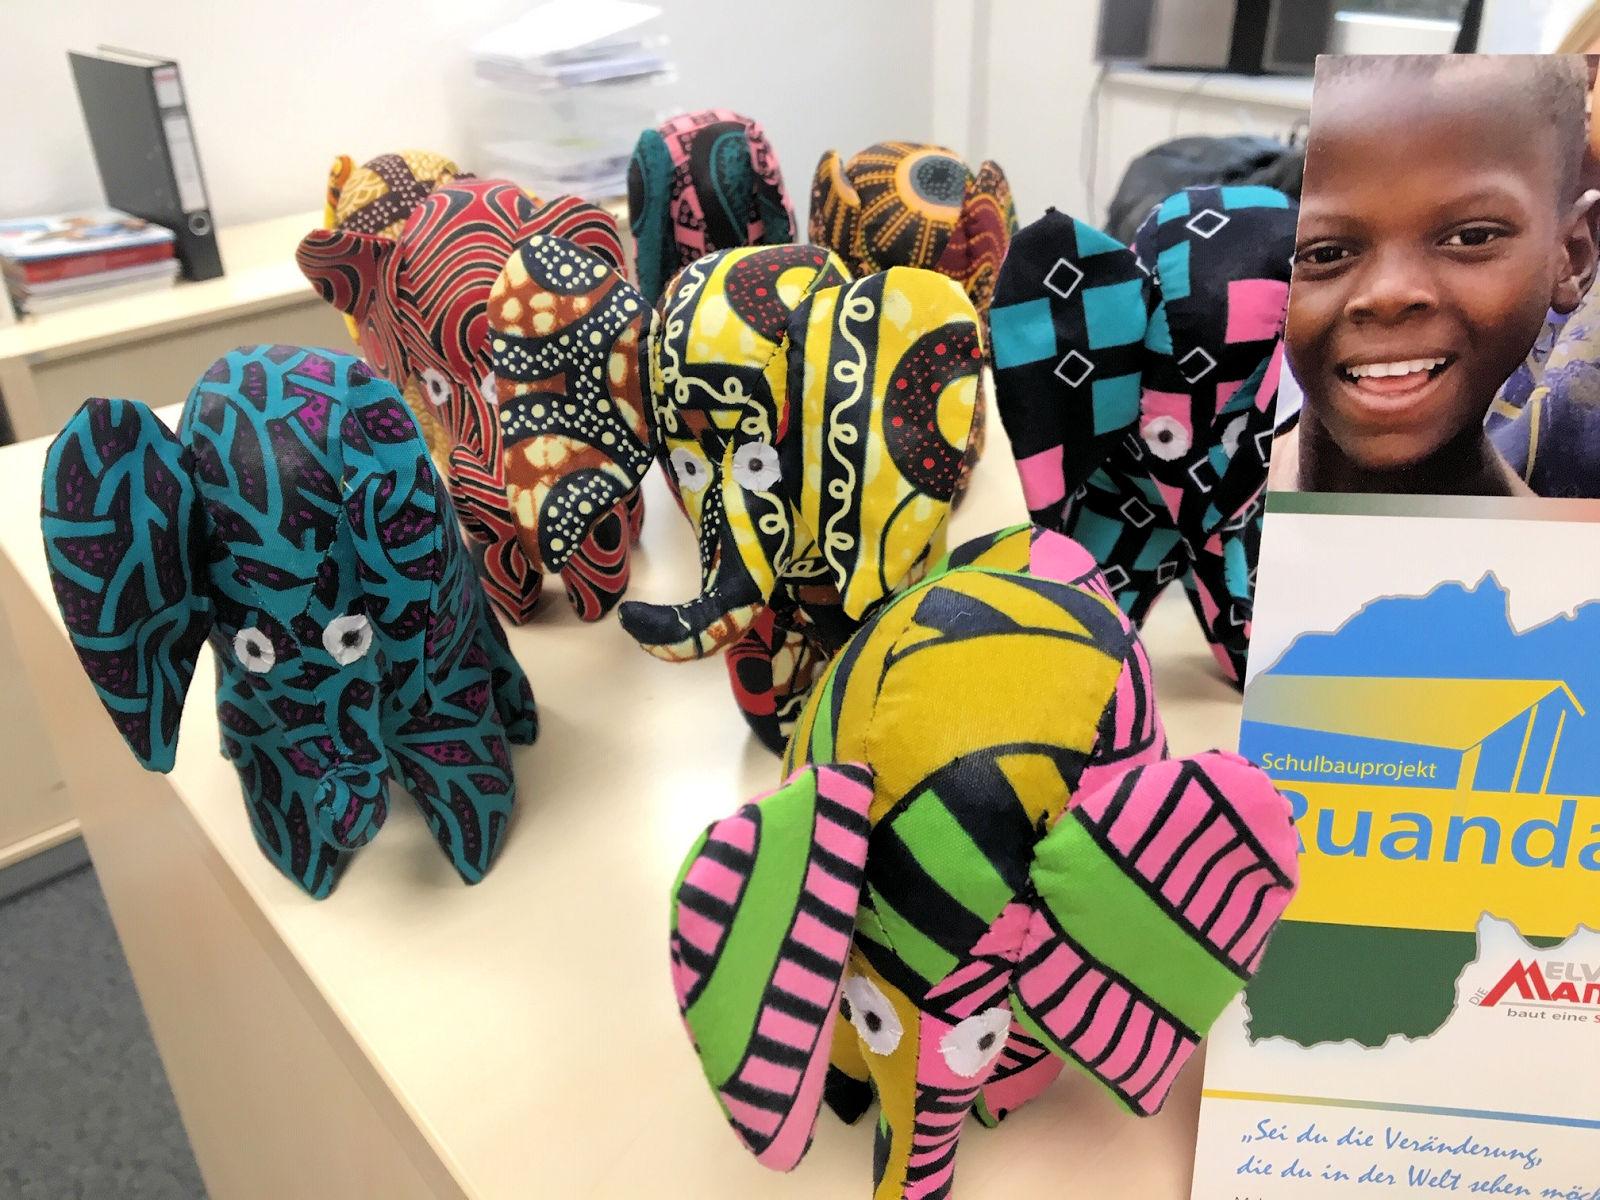 Ruanda Schulprojekt